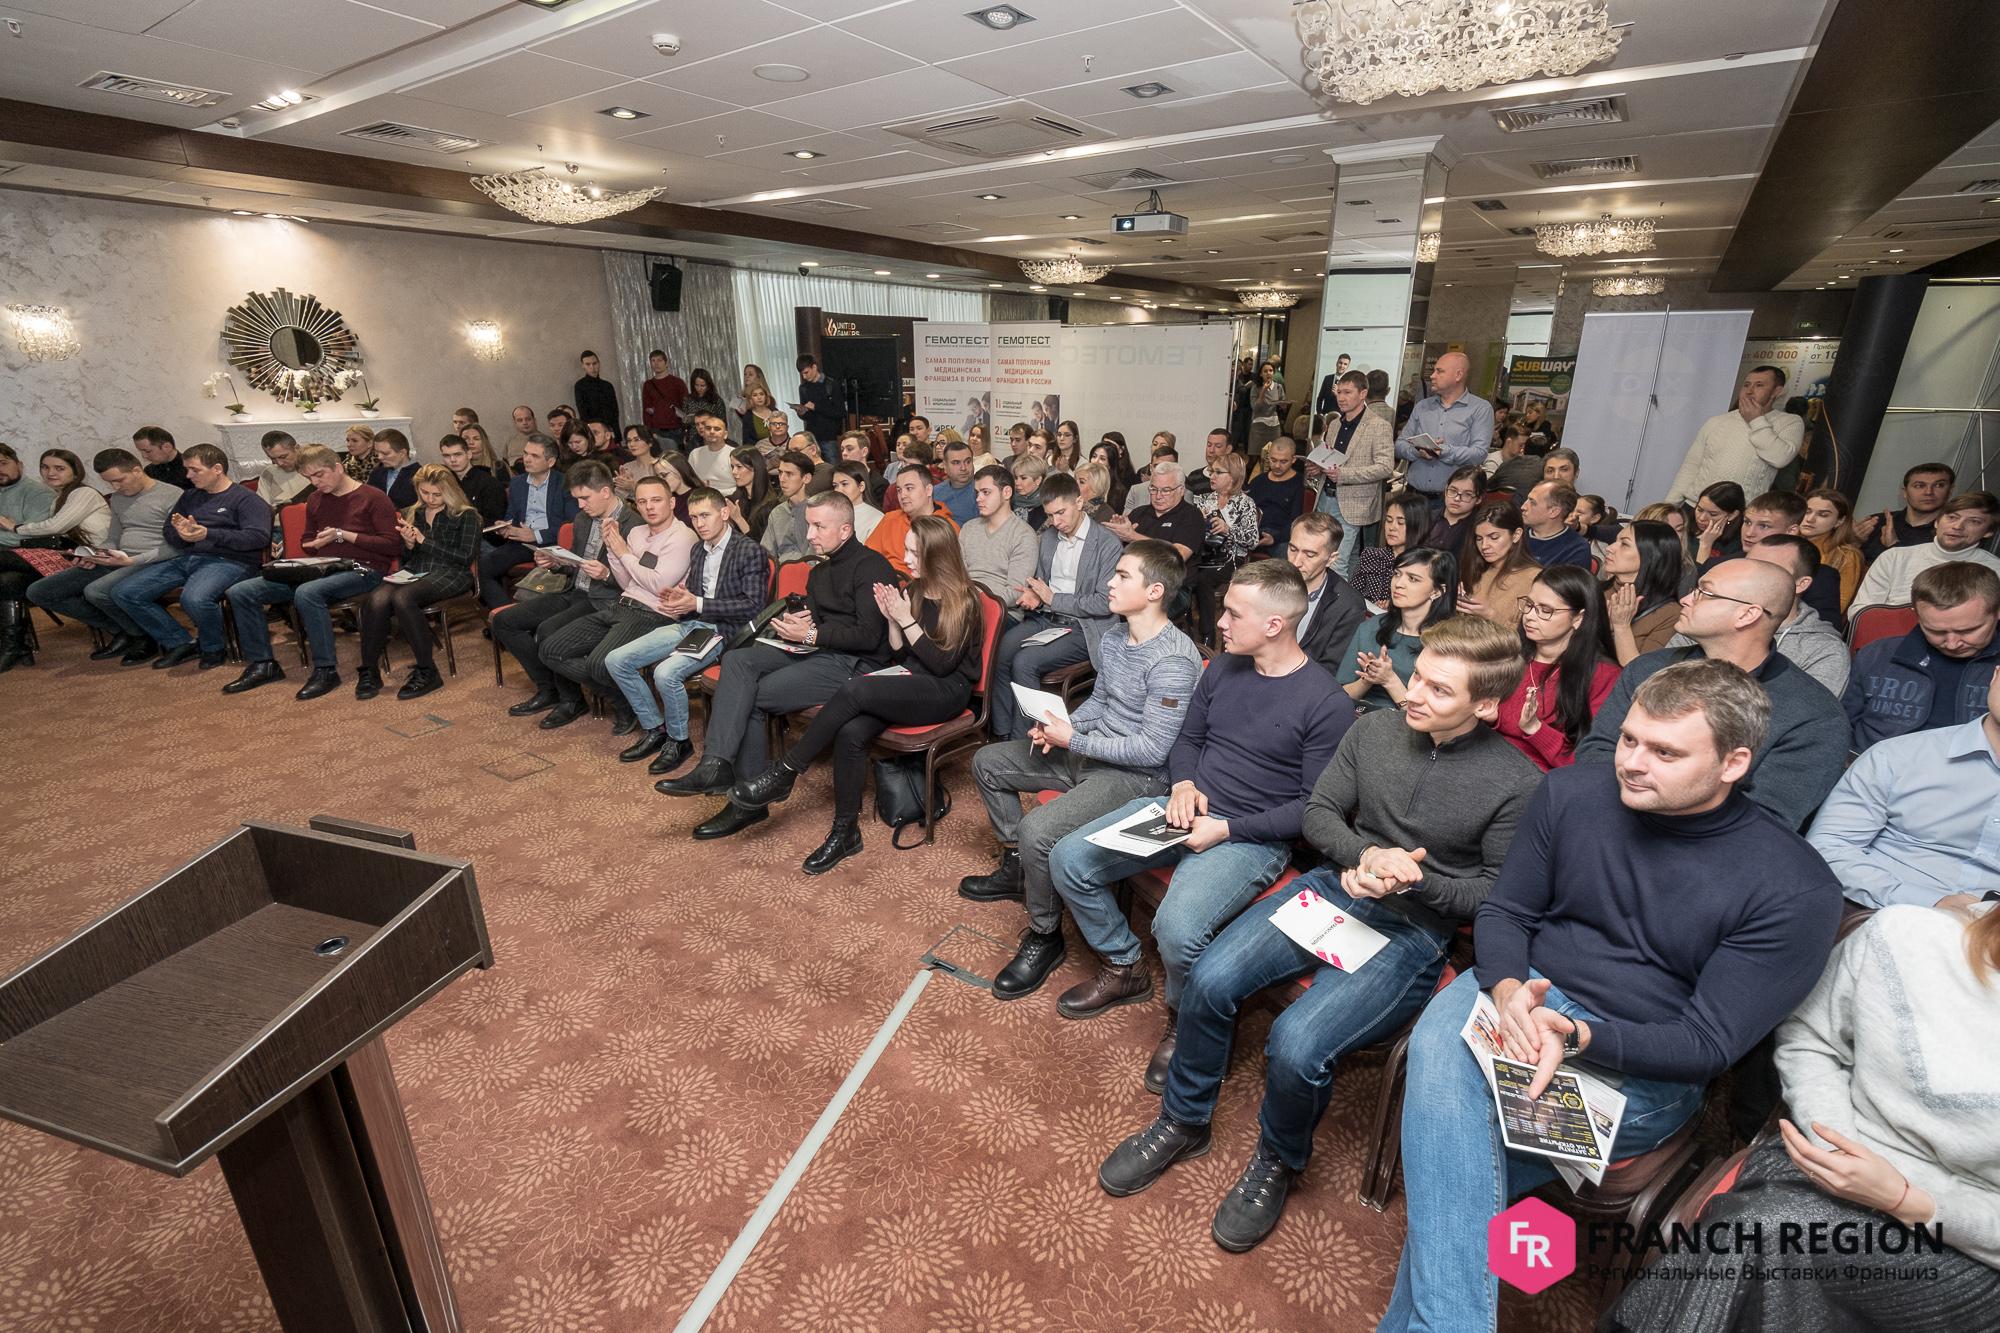 Завершилась региональная выставка франшиз в г. Казань